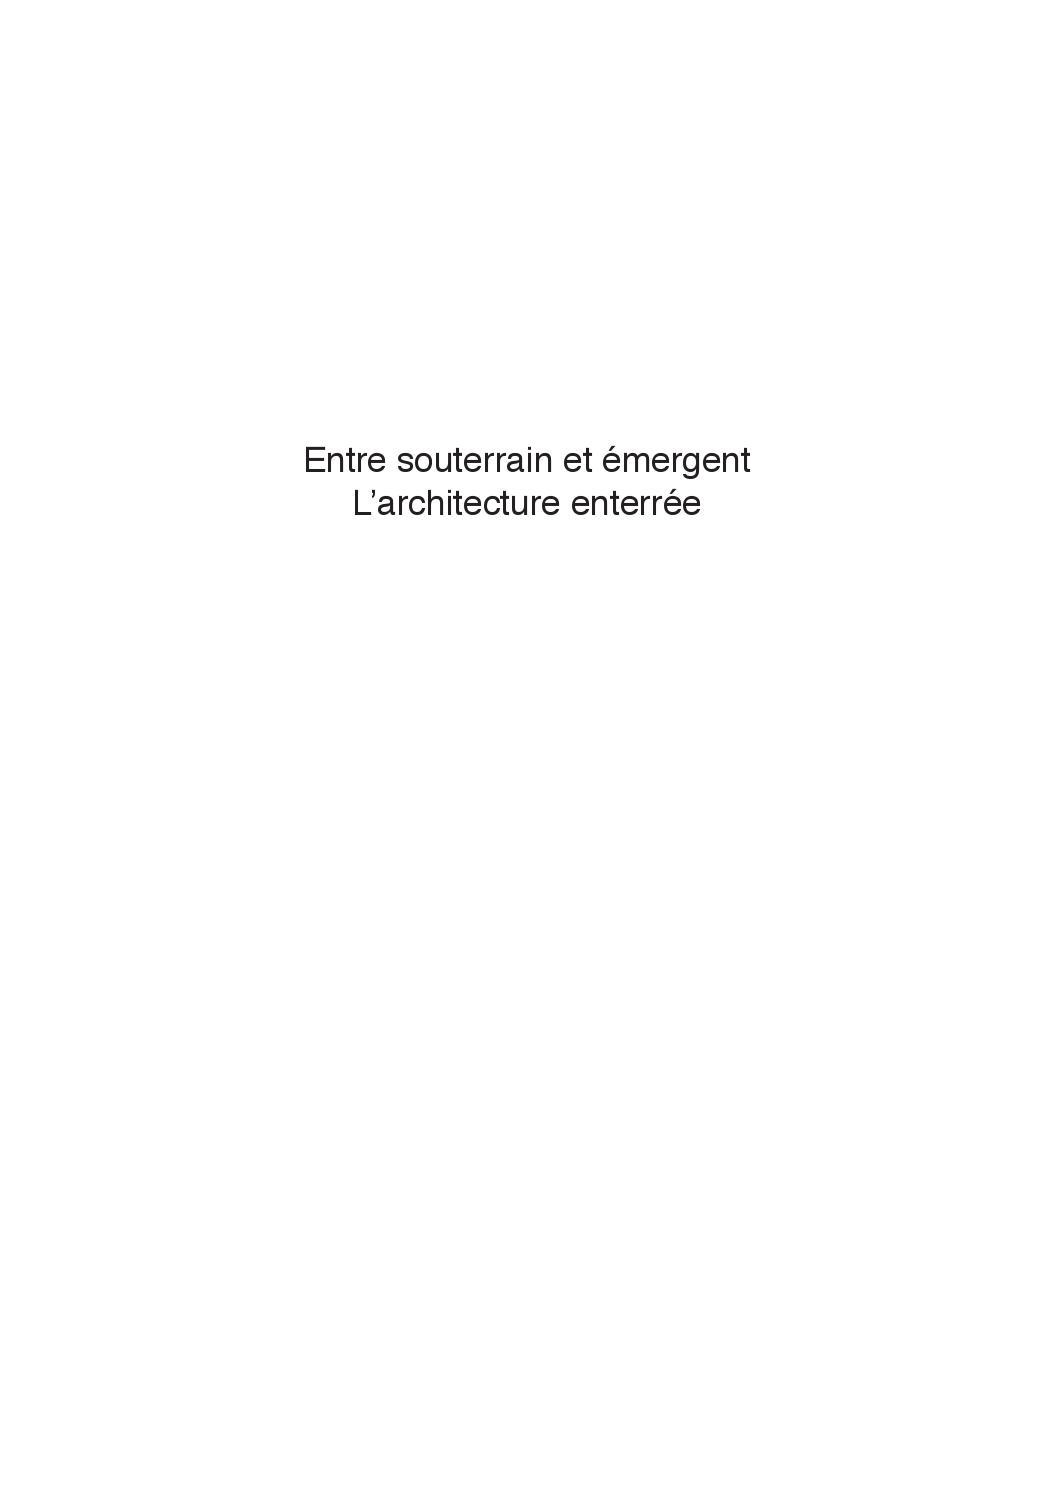 Ventilation Sous Sol Semi Enterré mémoire master 2carole juet - issuu